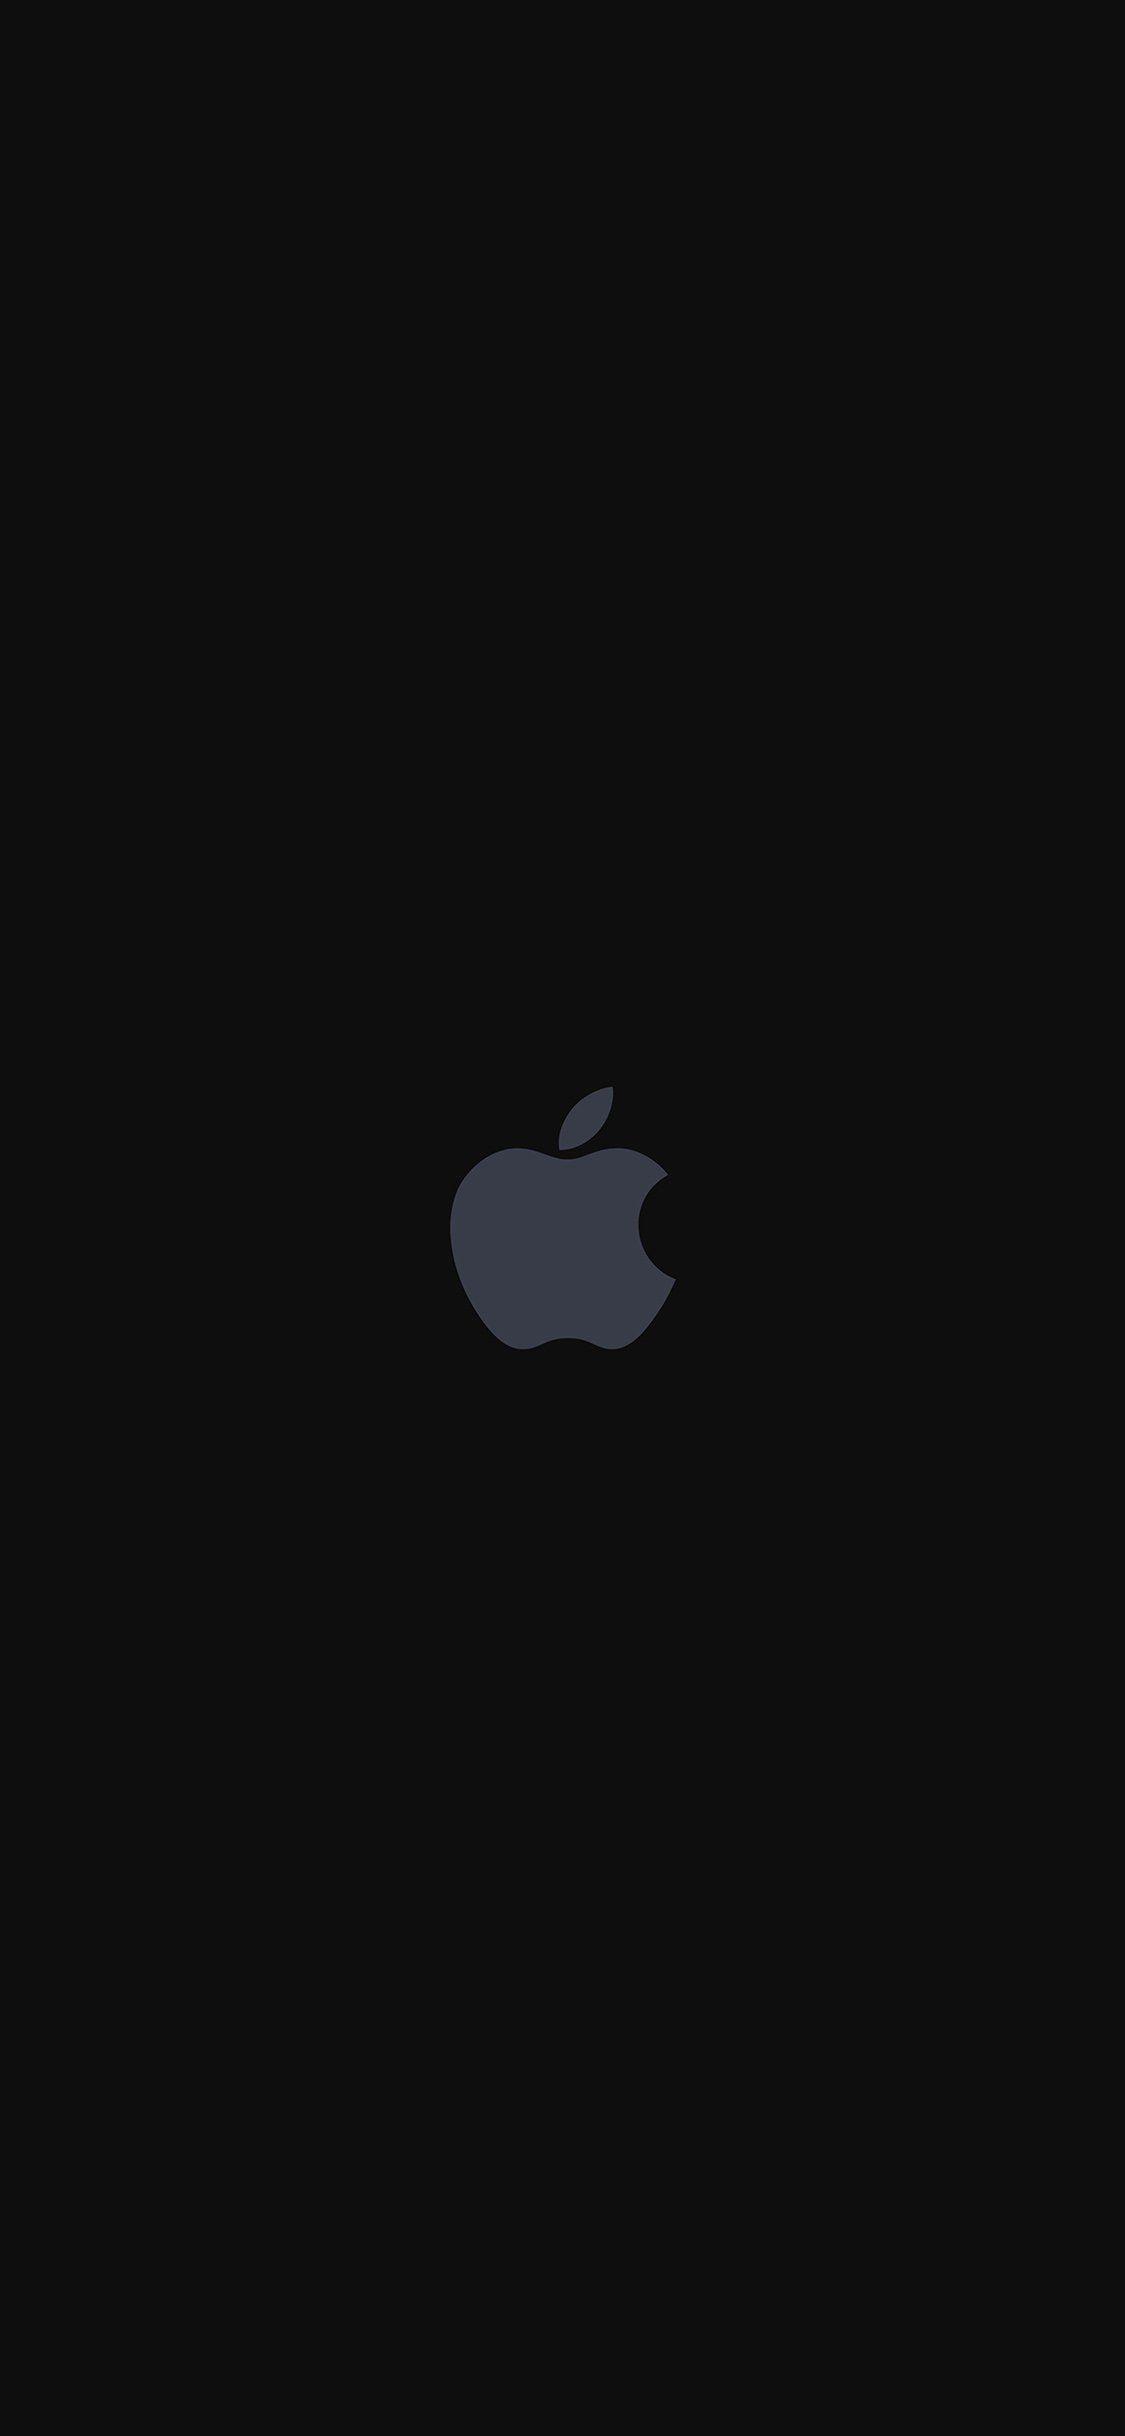 Black Apple Wallpaper For Iphone   Apple wallpaper, Apple logo ...